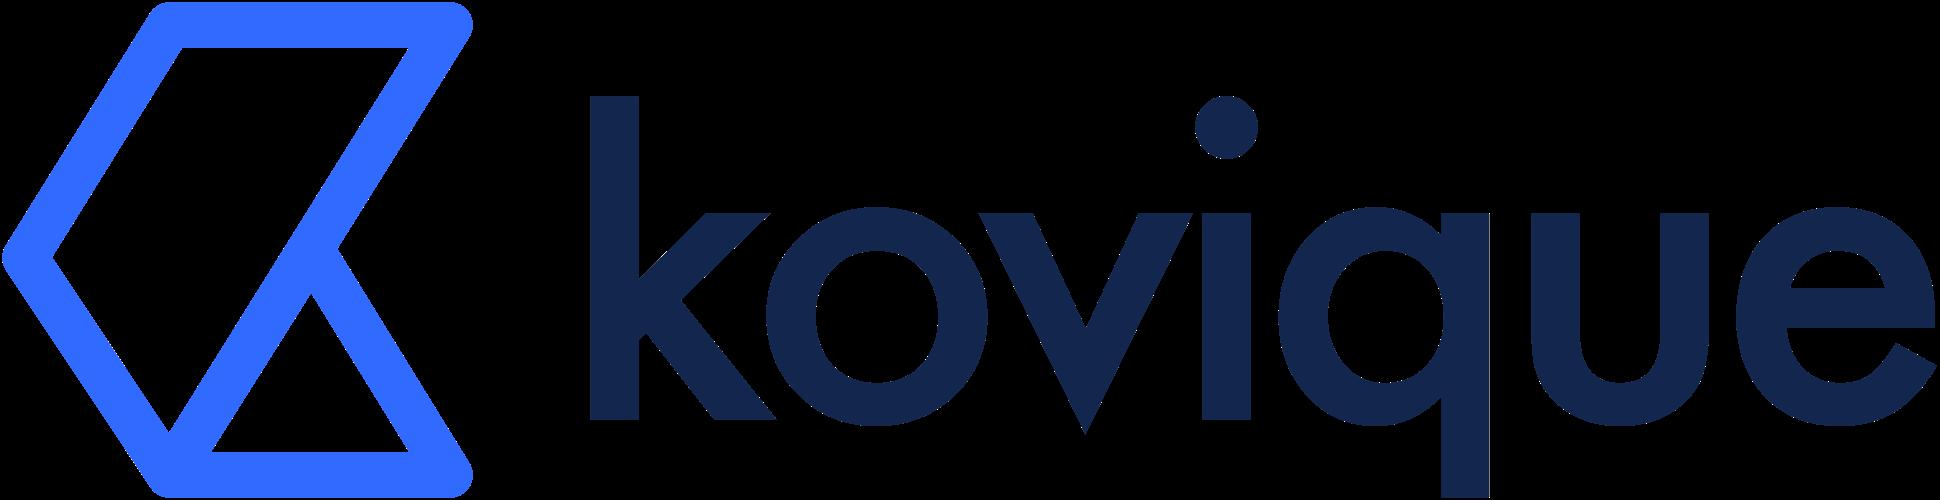 Kovique